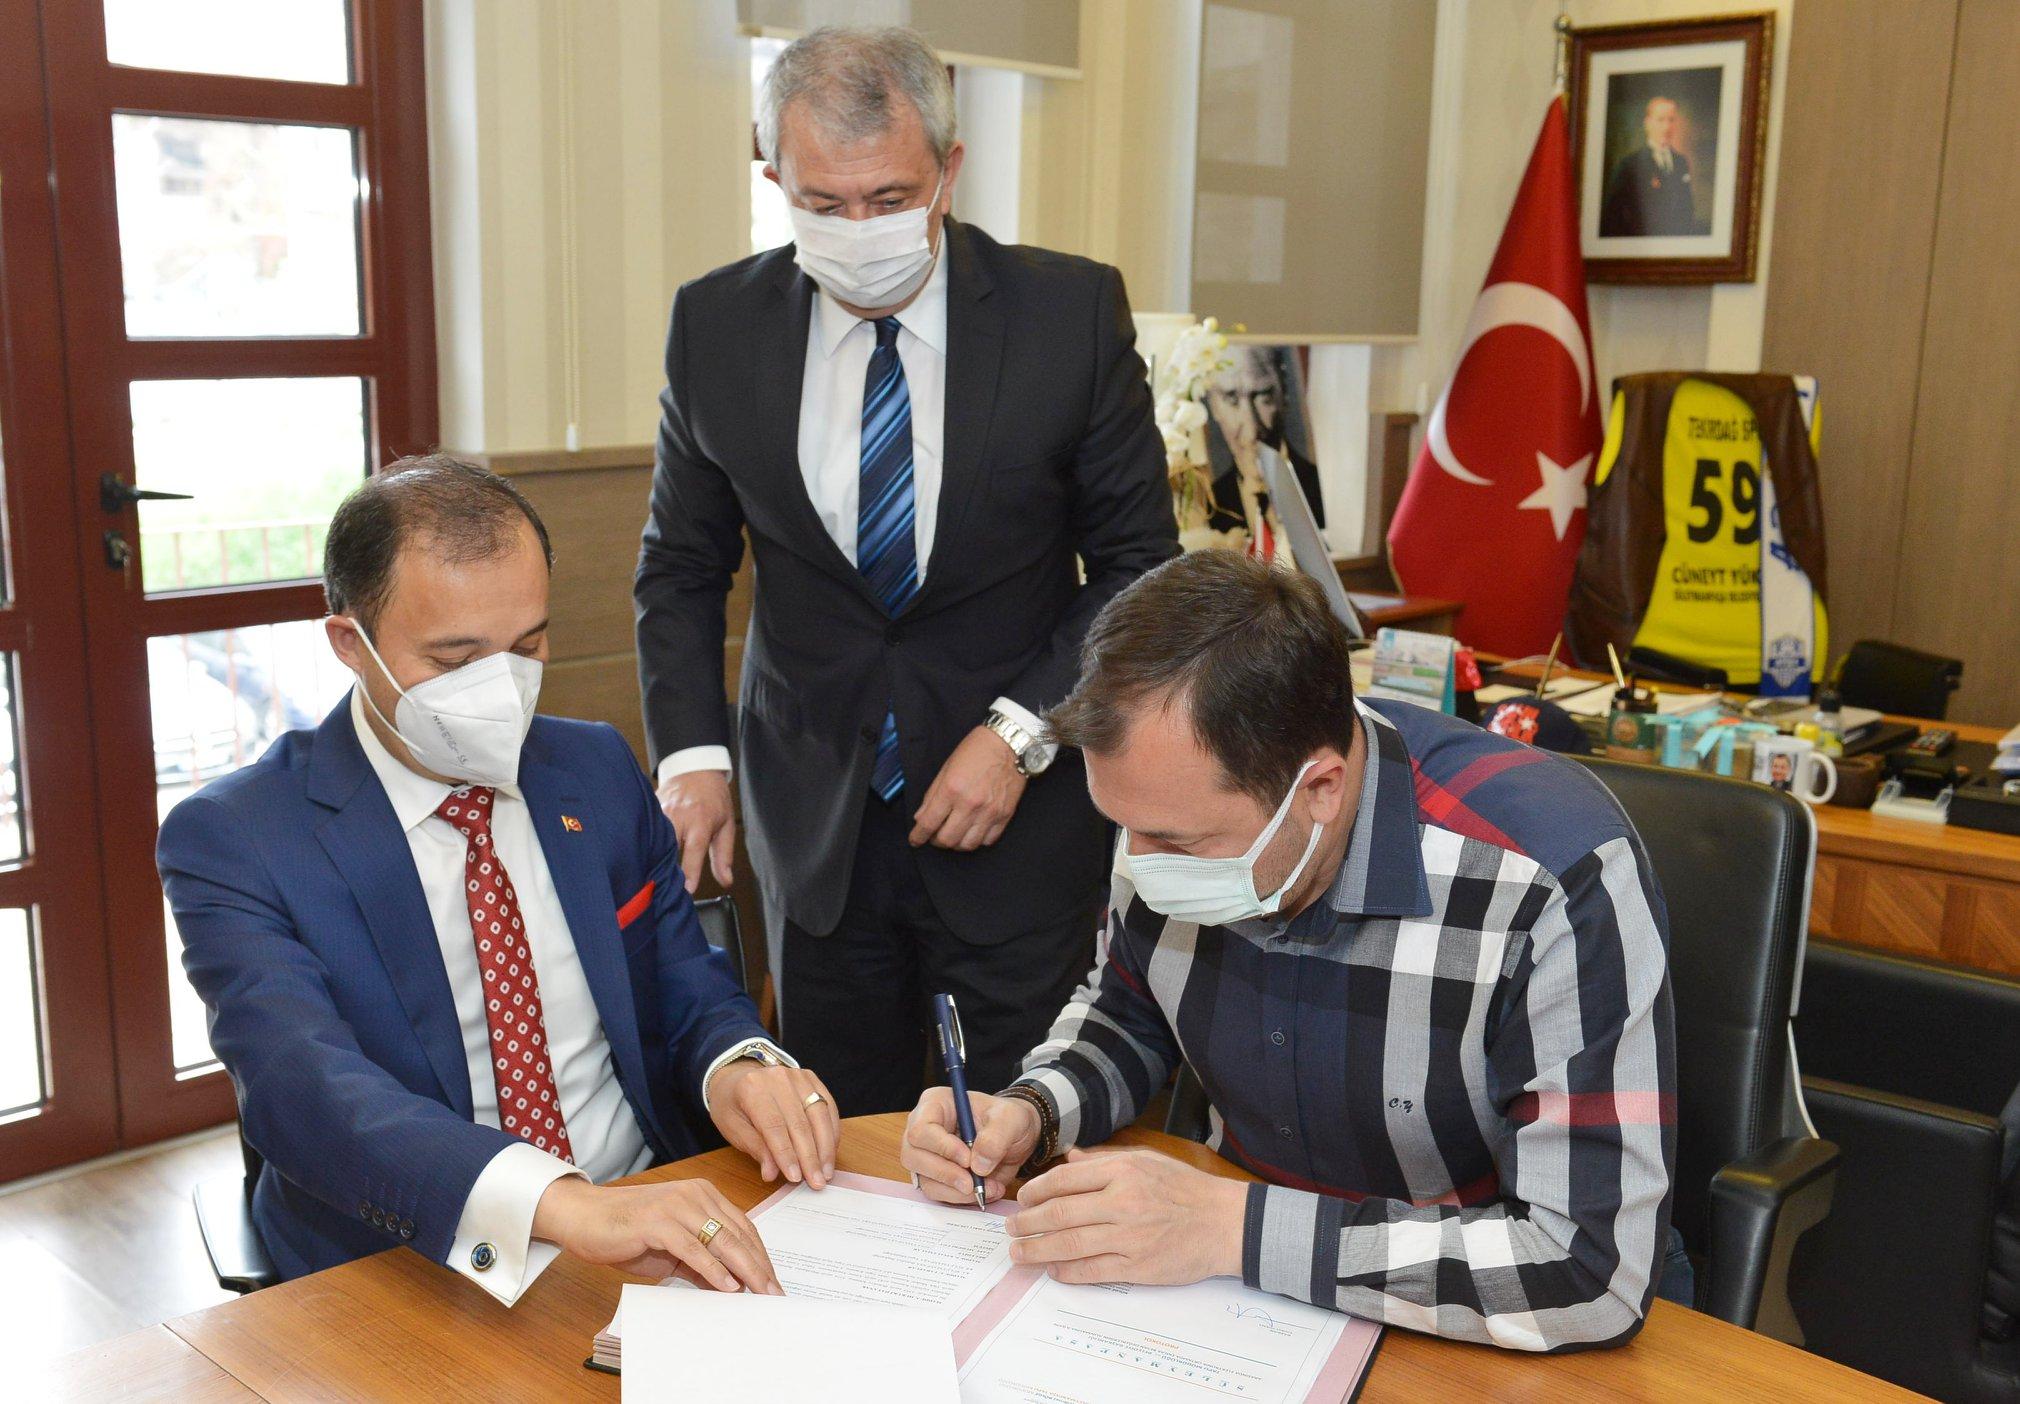 Süleymanpaşa Belediyesinden hayatı kolaylaştıran bir hizmet daha